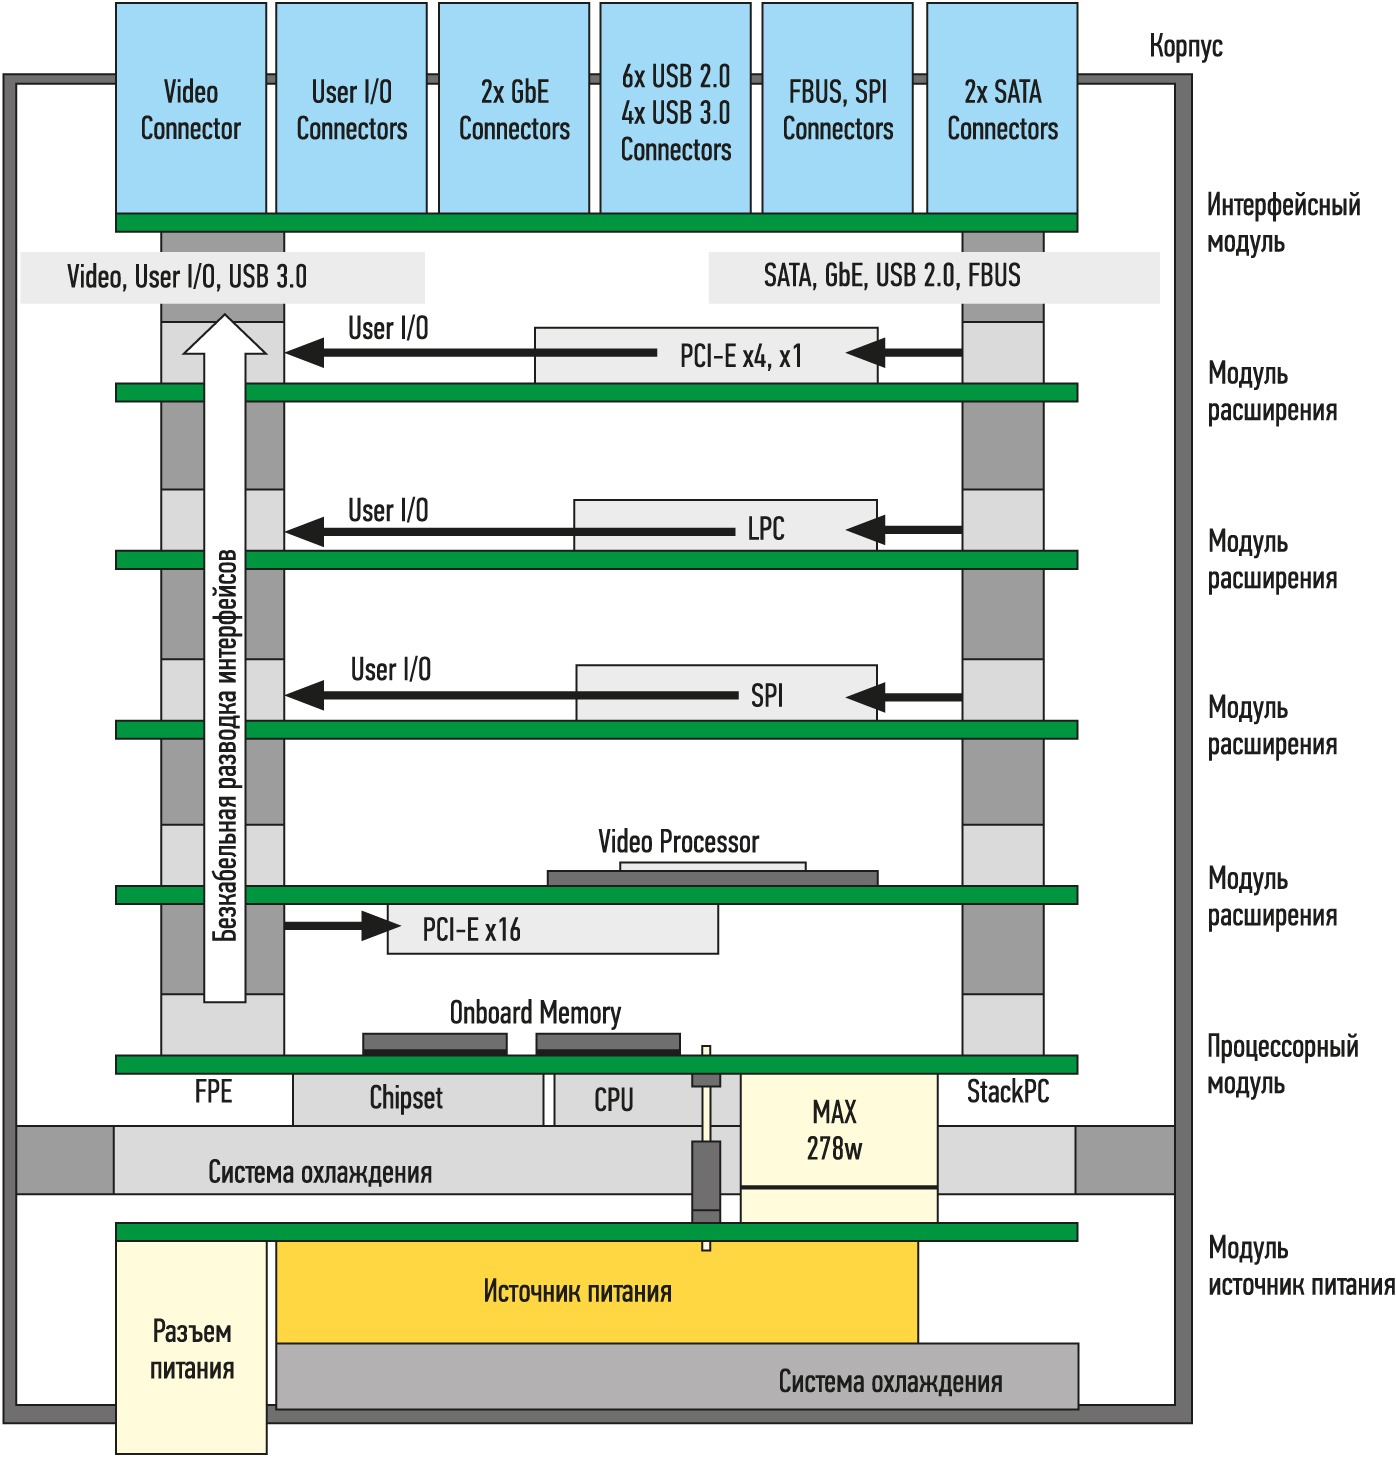 Стековая система на базе StackPC